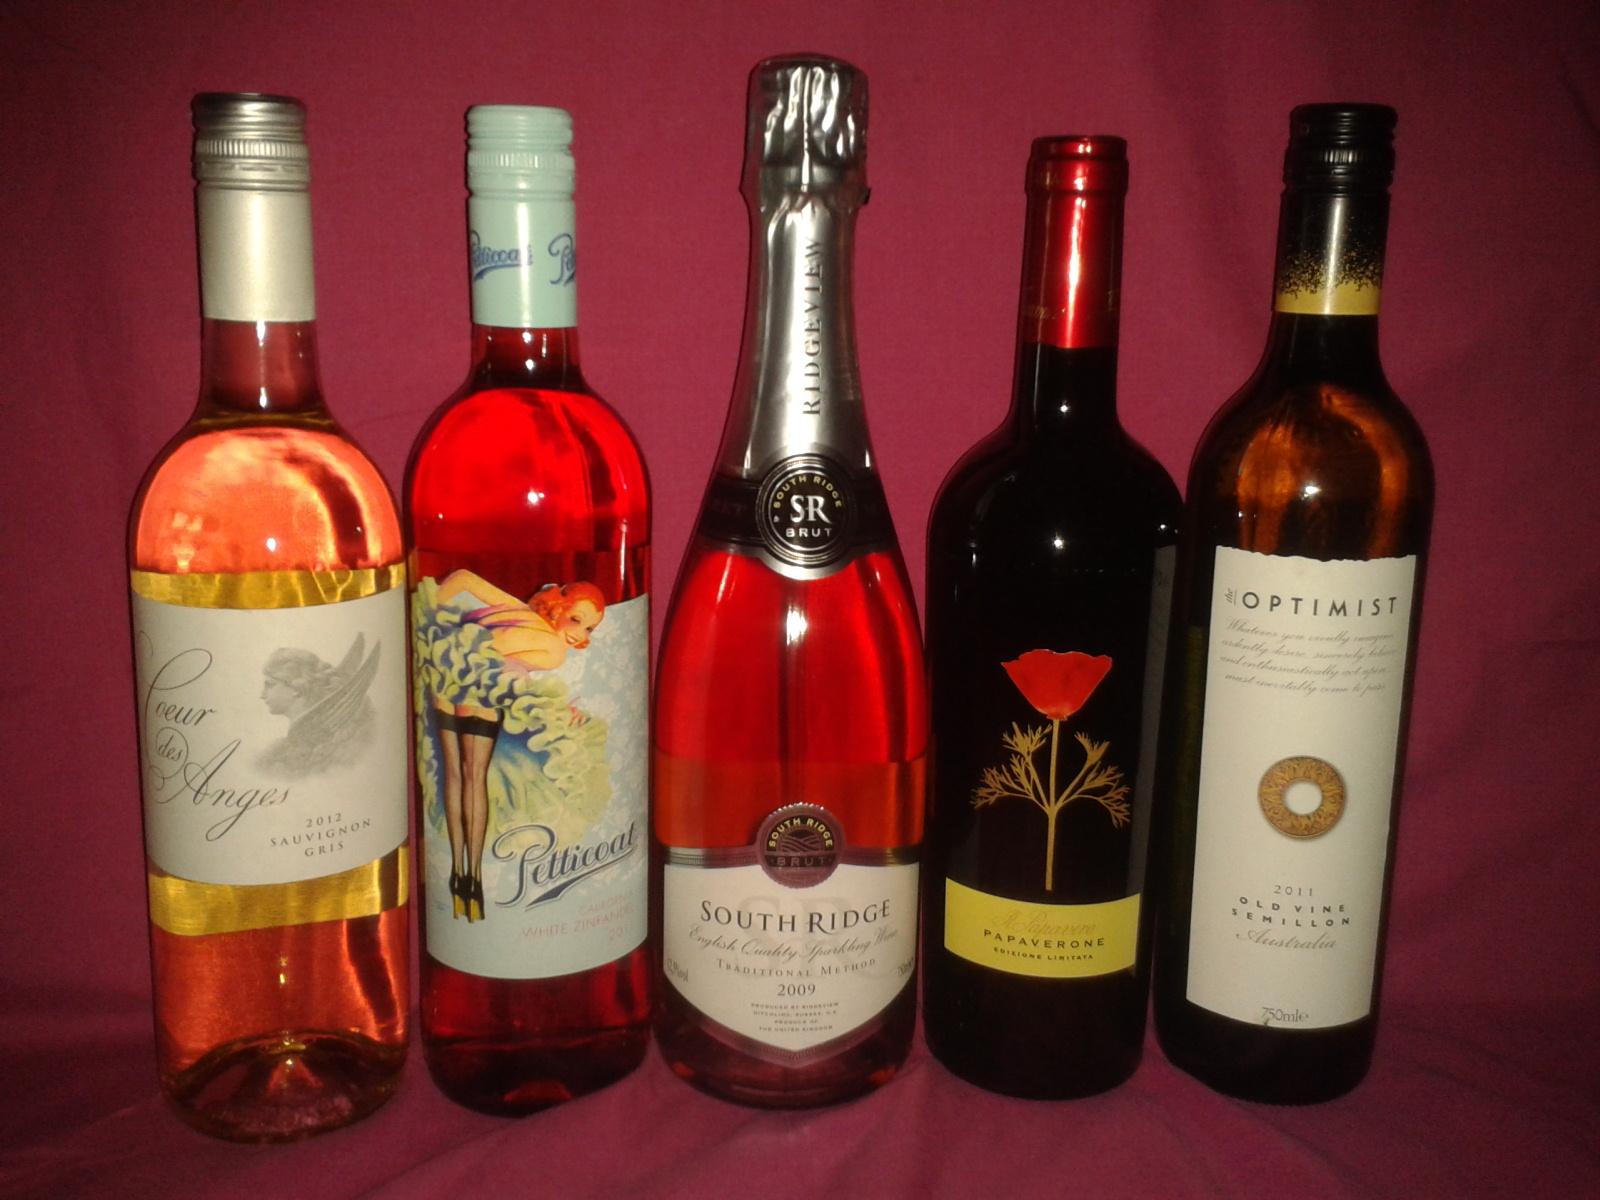 sip into valentine with laithwaites sexy wines